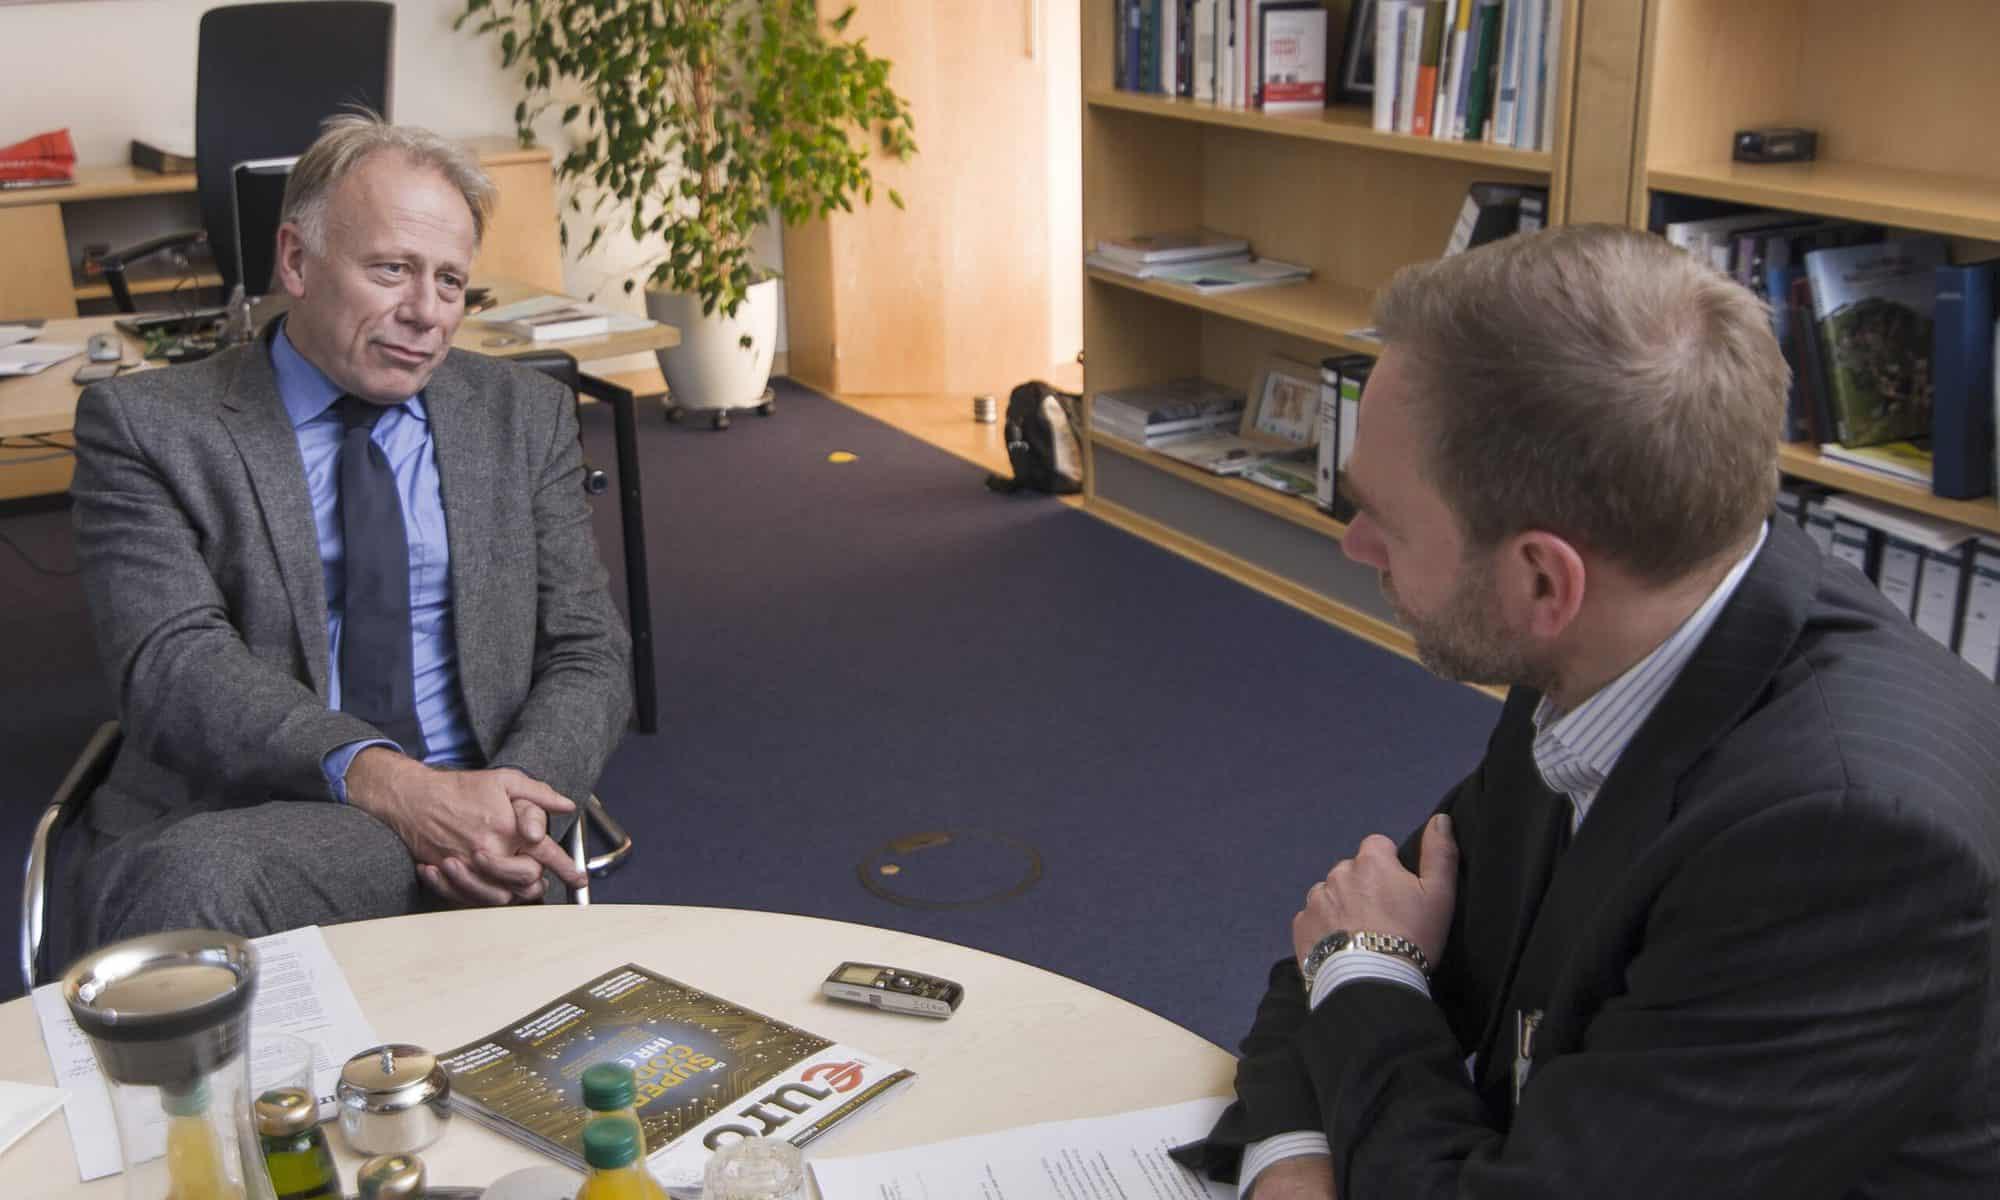 Mario Müller-Dofel interviewt Jürgen Trittin